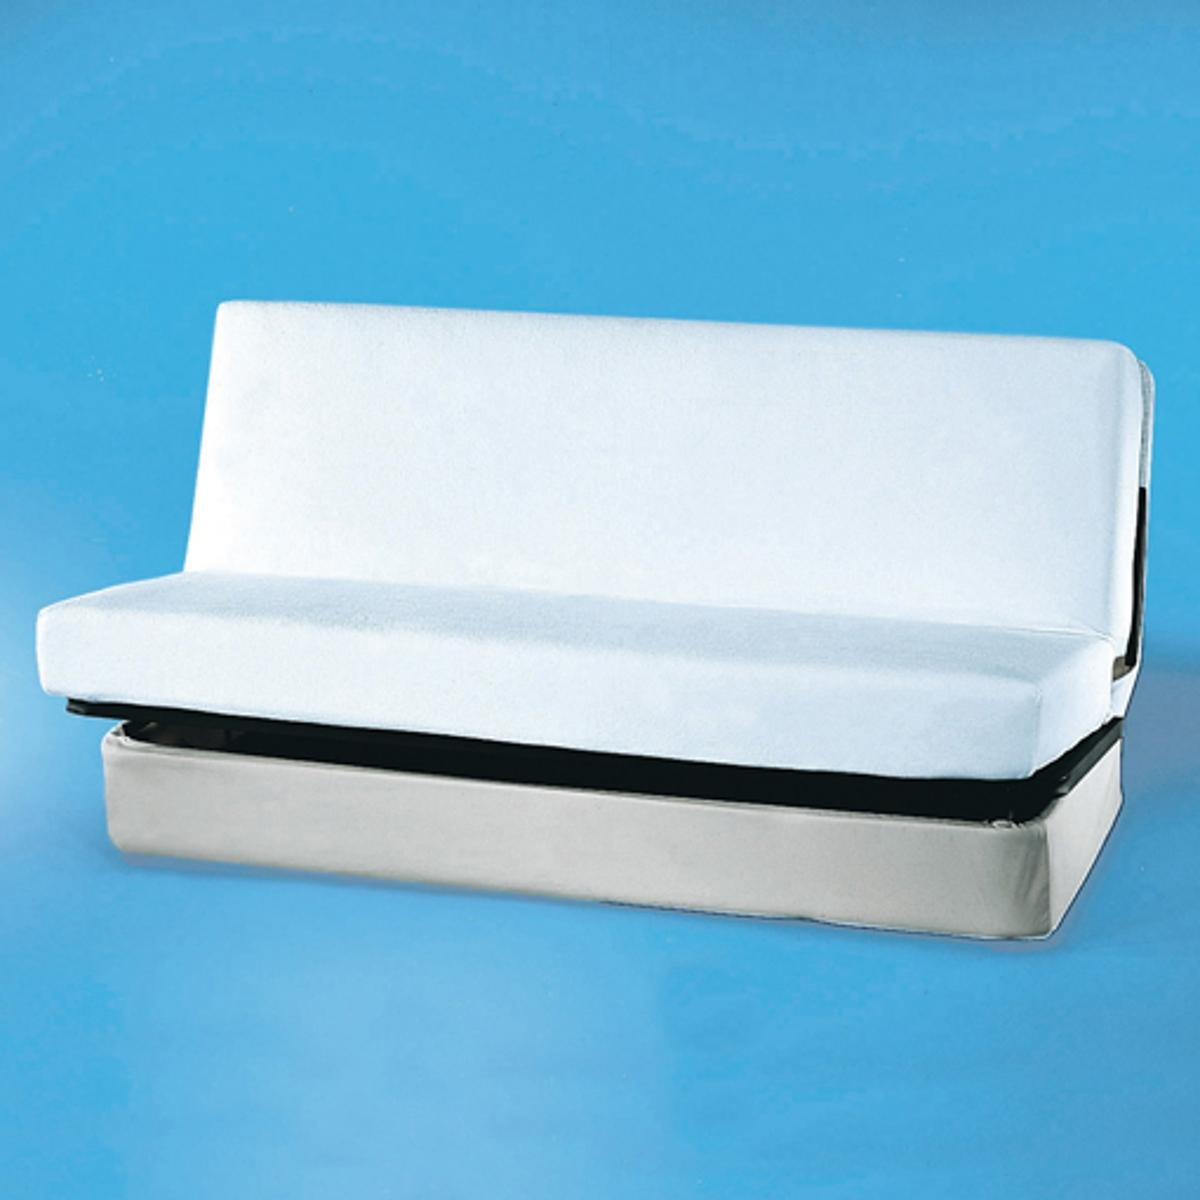 Защитный чехол из эластичной губчатой ткани для складного матрасаУдобный защитный чехол из эластичной губчатой ткани впитывает влагу, выделяемую телом во время сна и защищает Ваше постельное бельё от пятен, бактерий и клещей..Нежная и долговечная клеёнка из мягкой губчатой ткани для складного матраса80% хлопка, 20% полиэстера, 170г/м?.Легко растягивается по размеру матраса.Ширина 120/130, длина 190 см. Стирка при 60°.<br><br>Цвет: белый